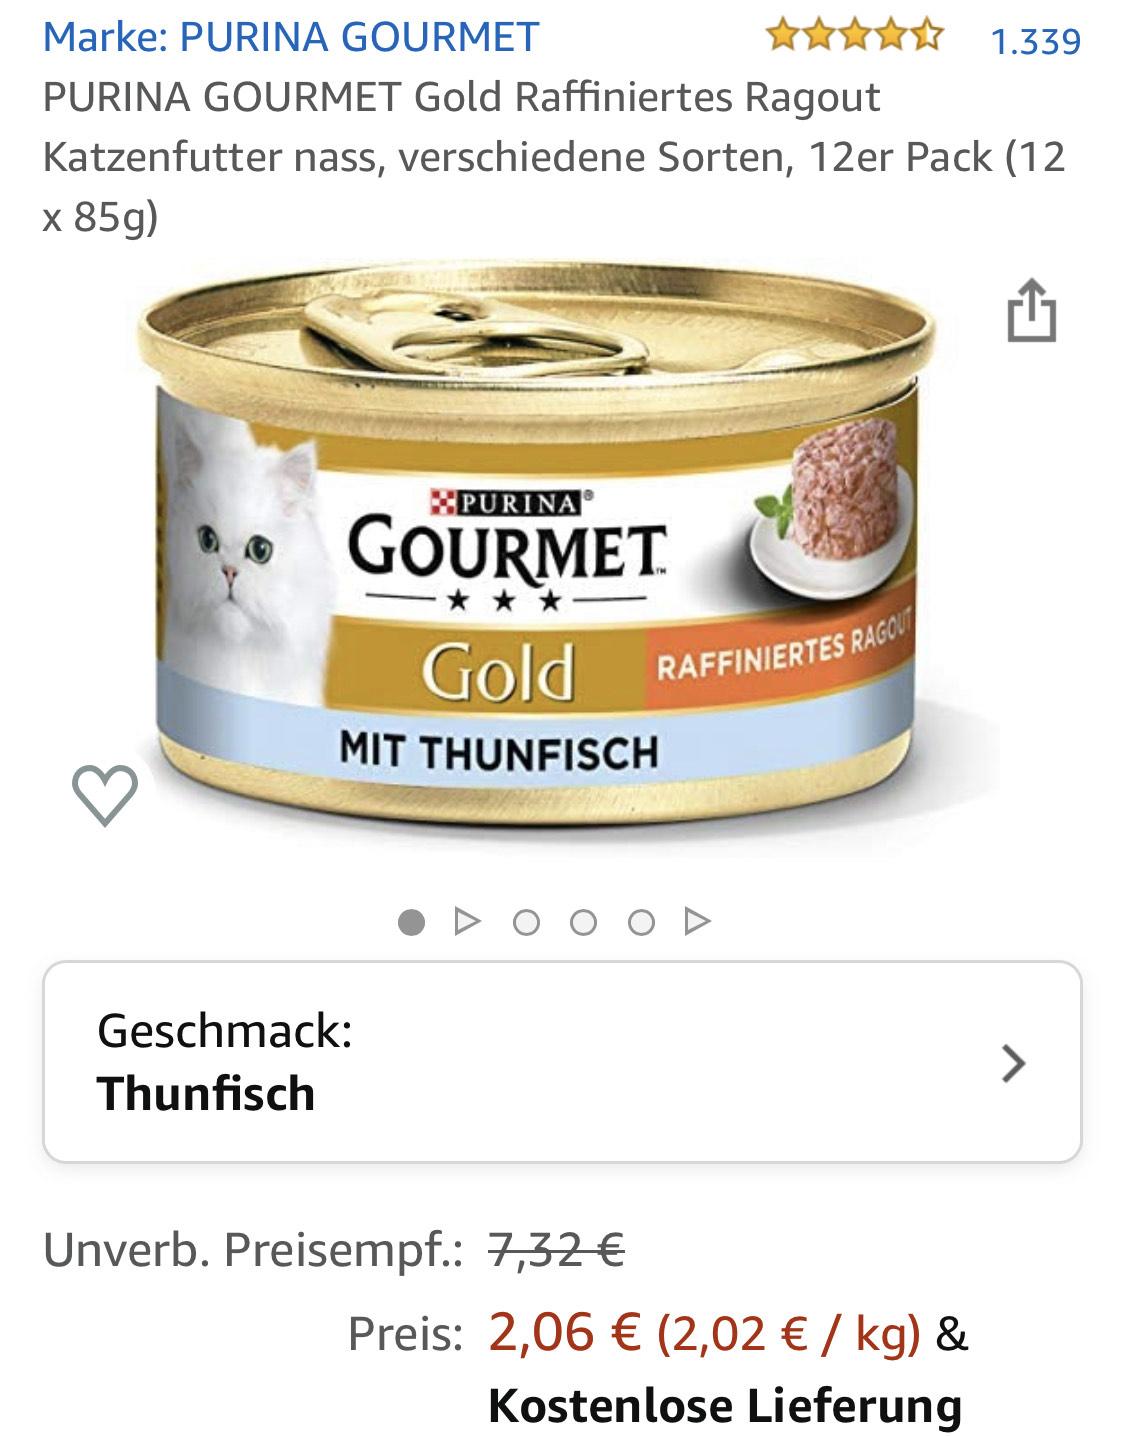 12x 85g Gourmet Katzenfutter für 2,06€